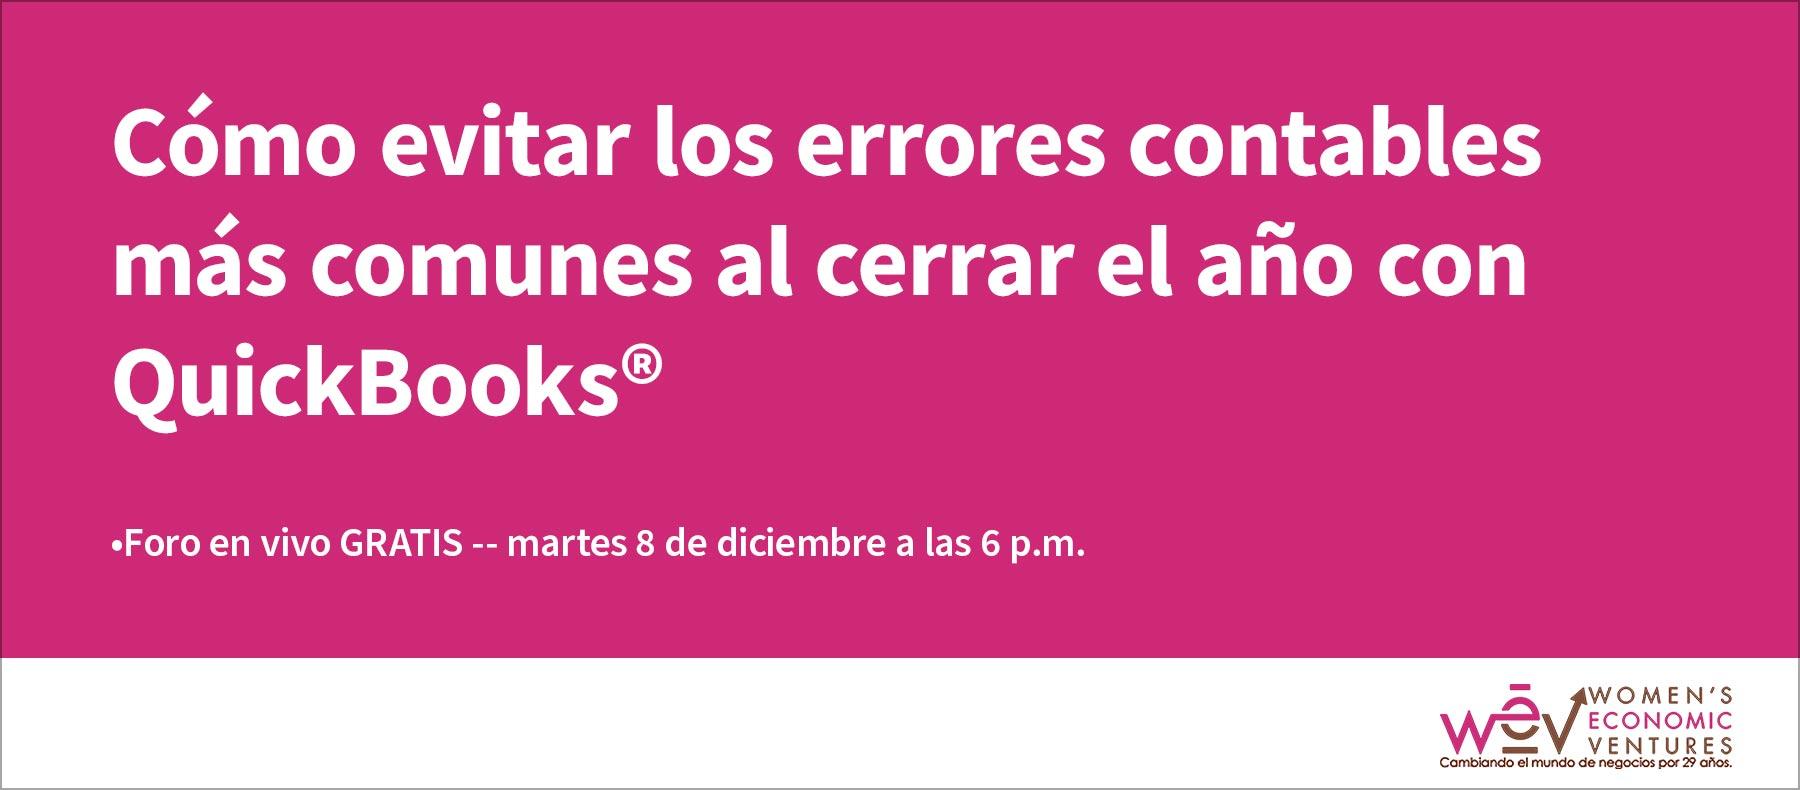 WEV Webinar – Cómo evitar los errores contables al cerrar el año con QuickBooks